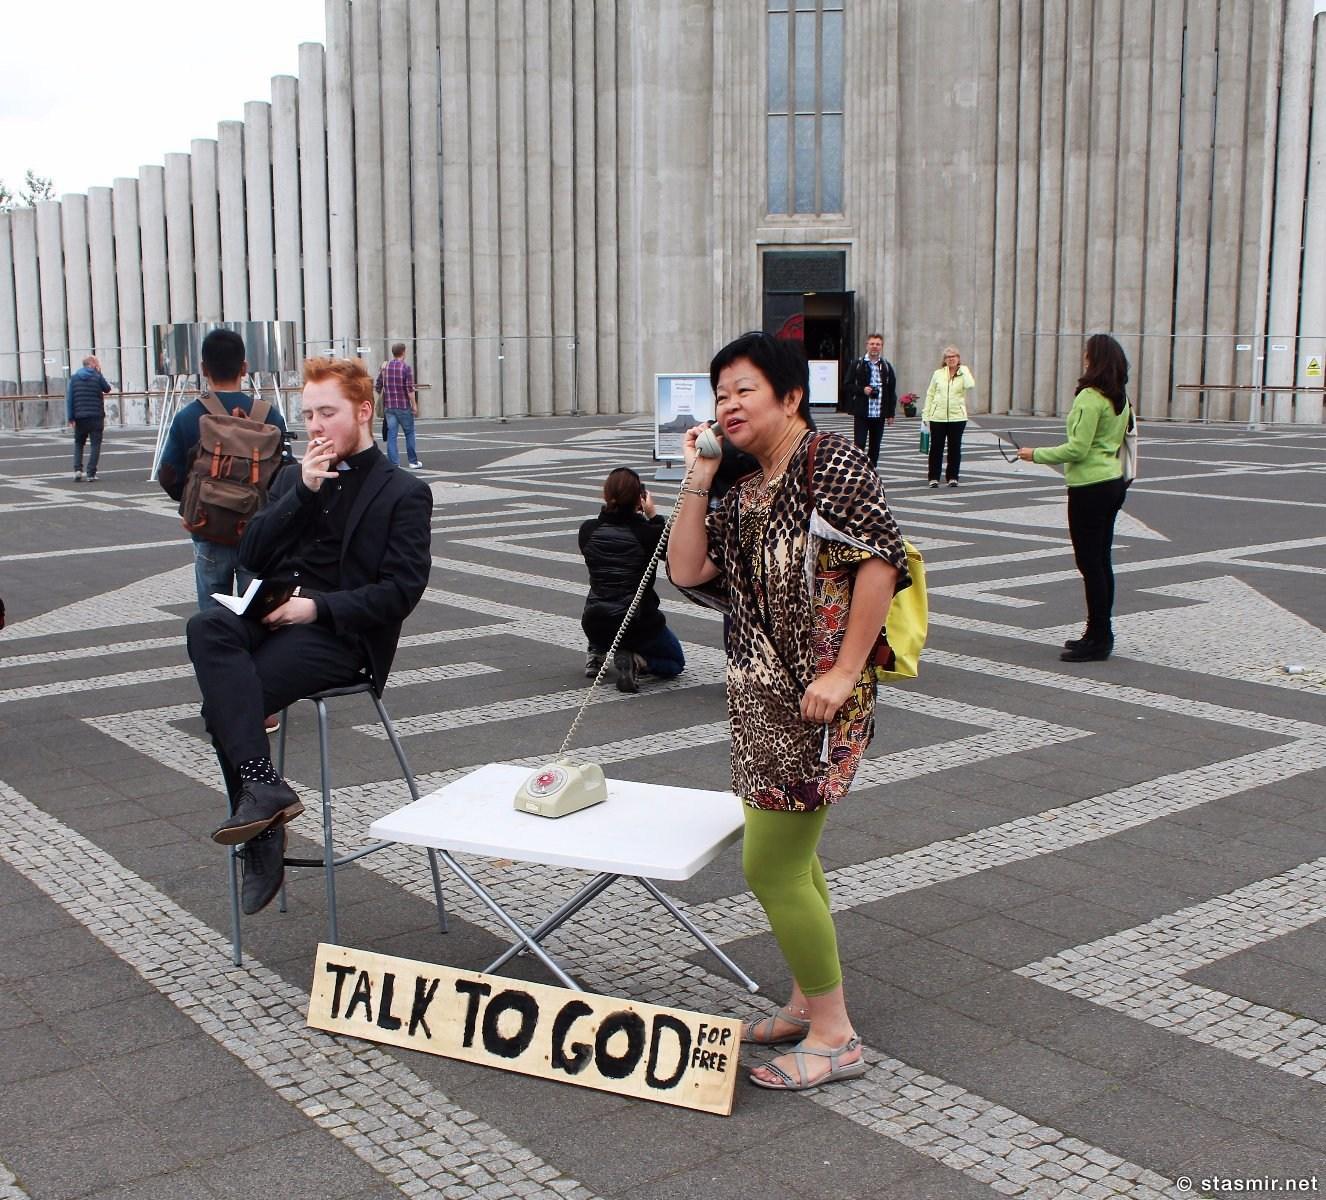 Поговори с богом рядом с Хадльгримскирхой в Рейкьявике, Исландия, фото Стасмир, photo Stasmir